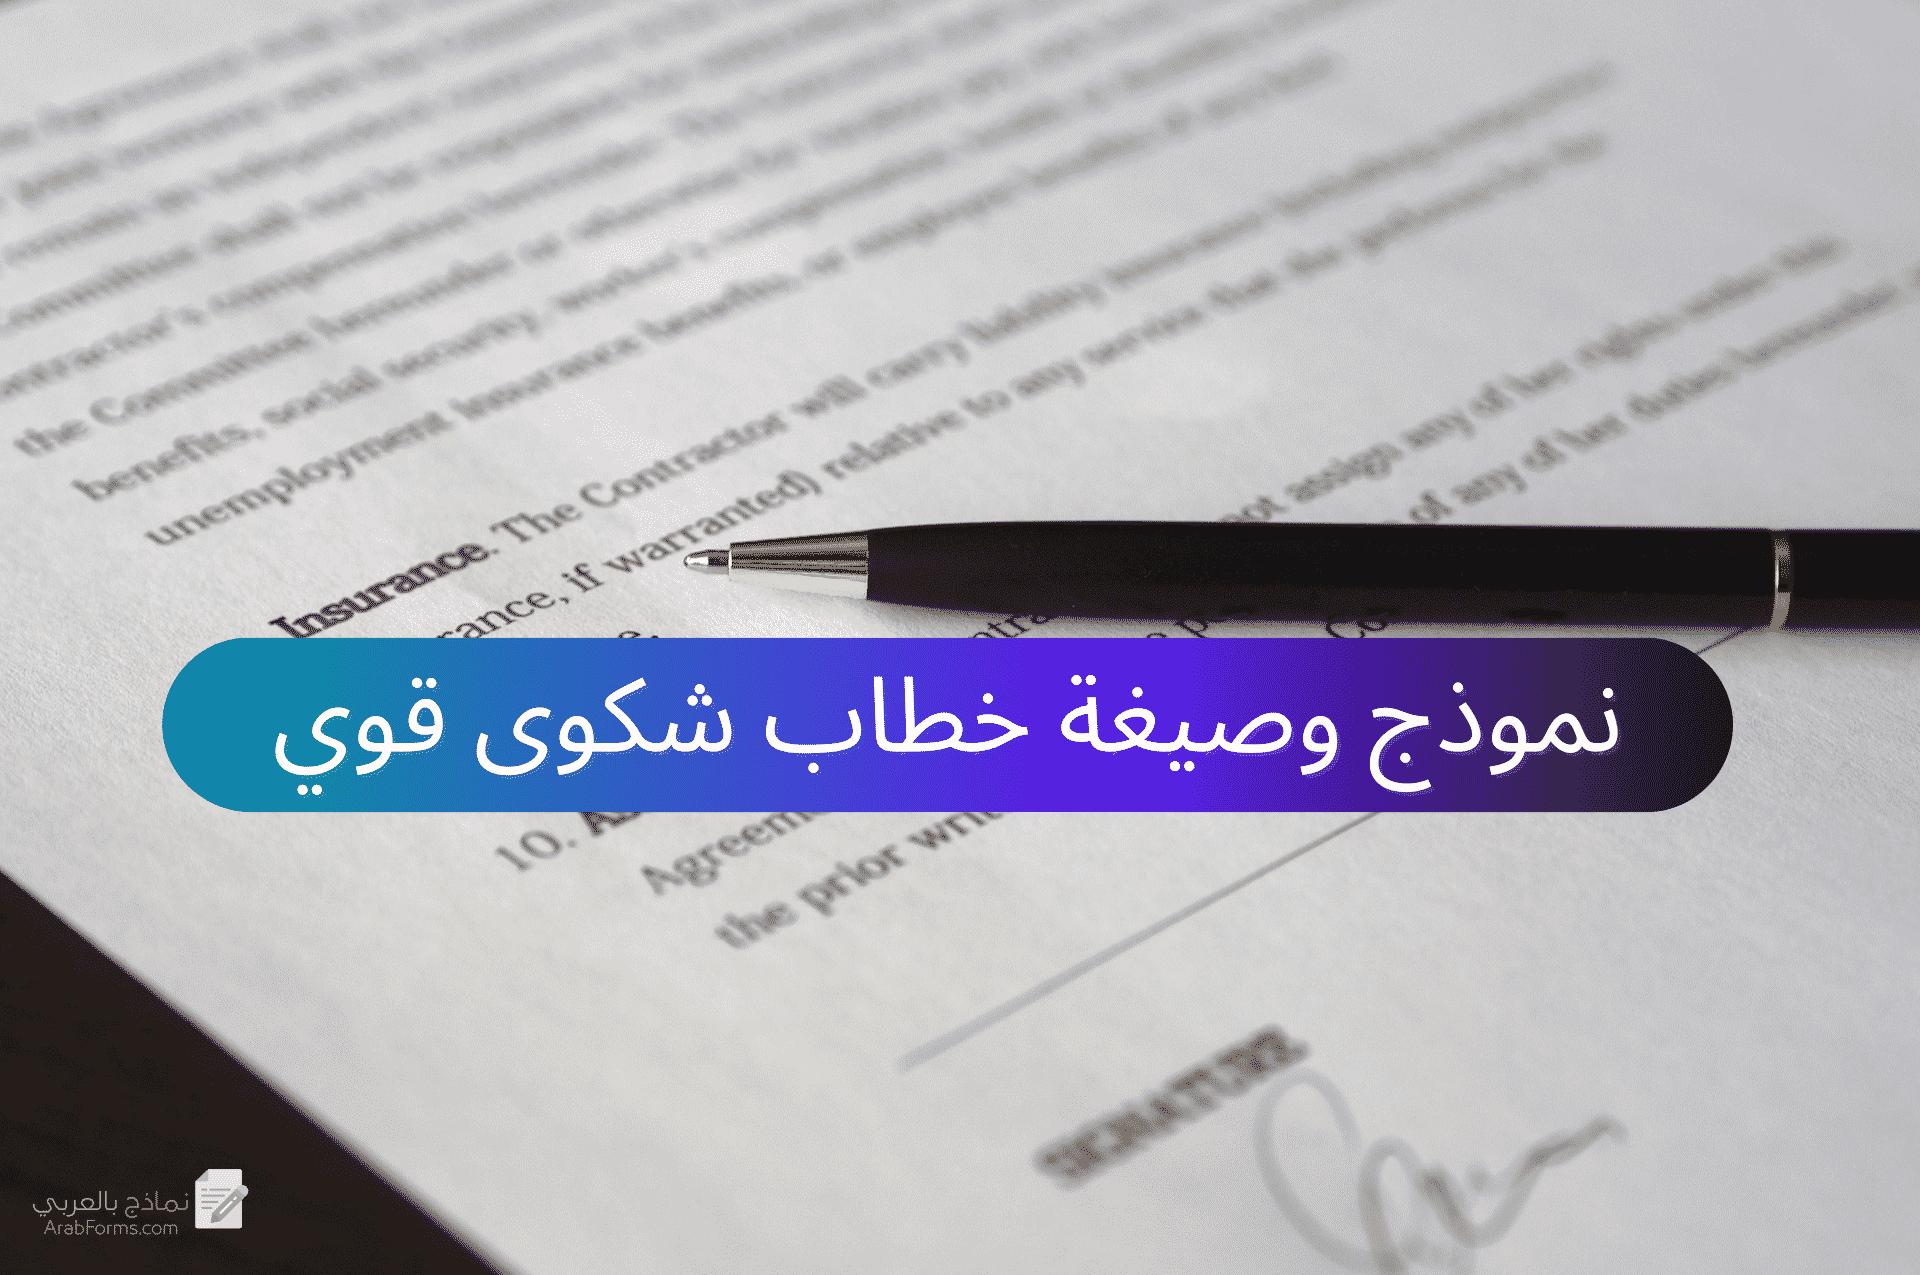 نموذج وصيغة خطاب شكوى قوي نماذج بالعربي